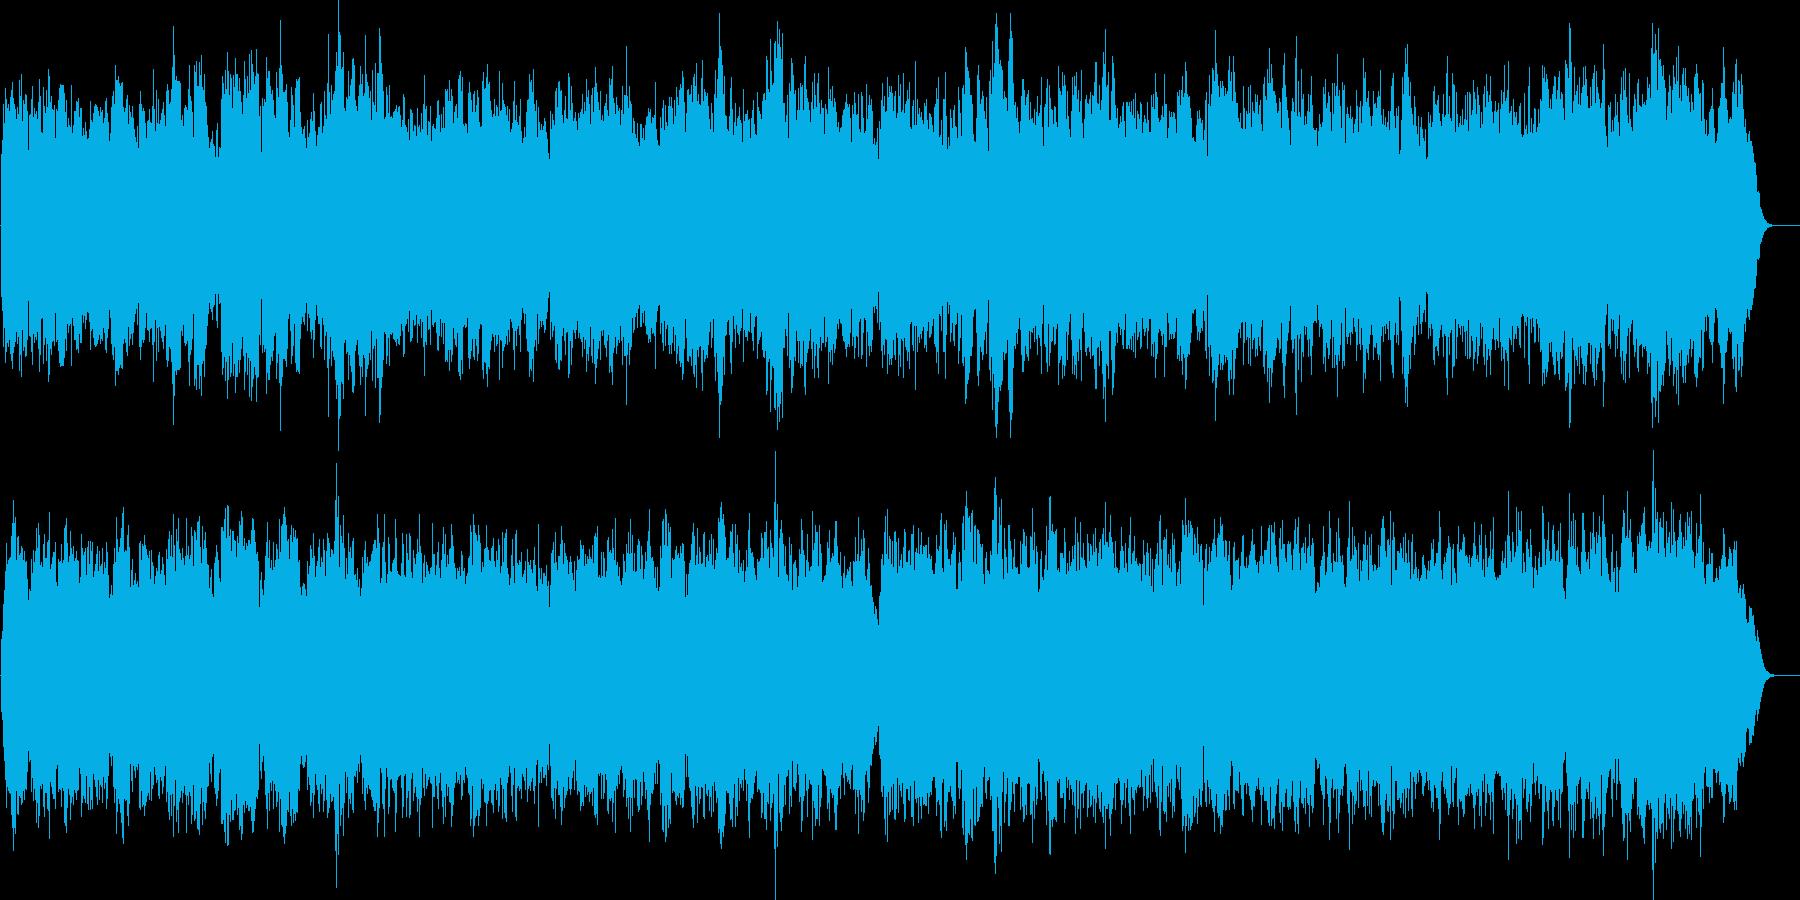 四声のブラスアンサンブルオリジナルの再生済みの波形